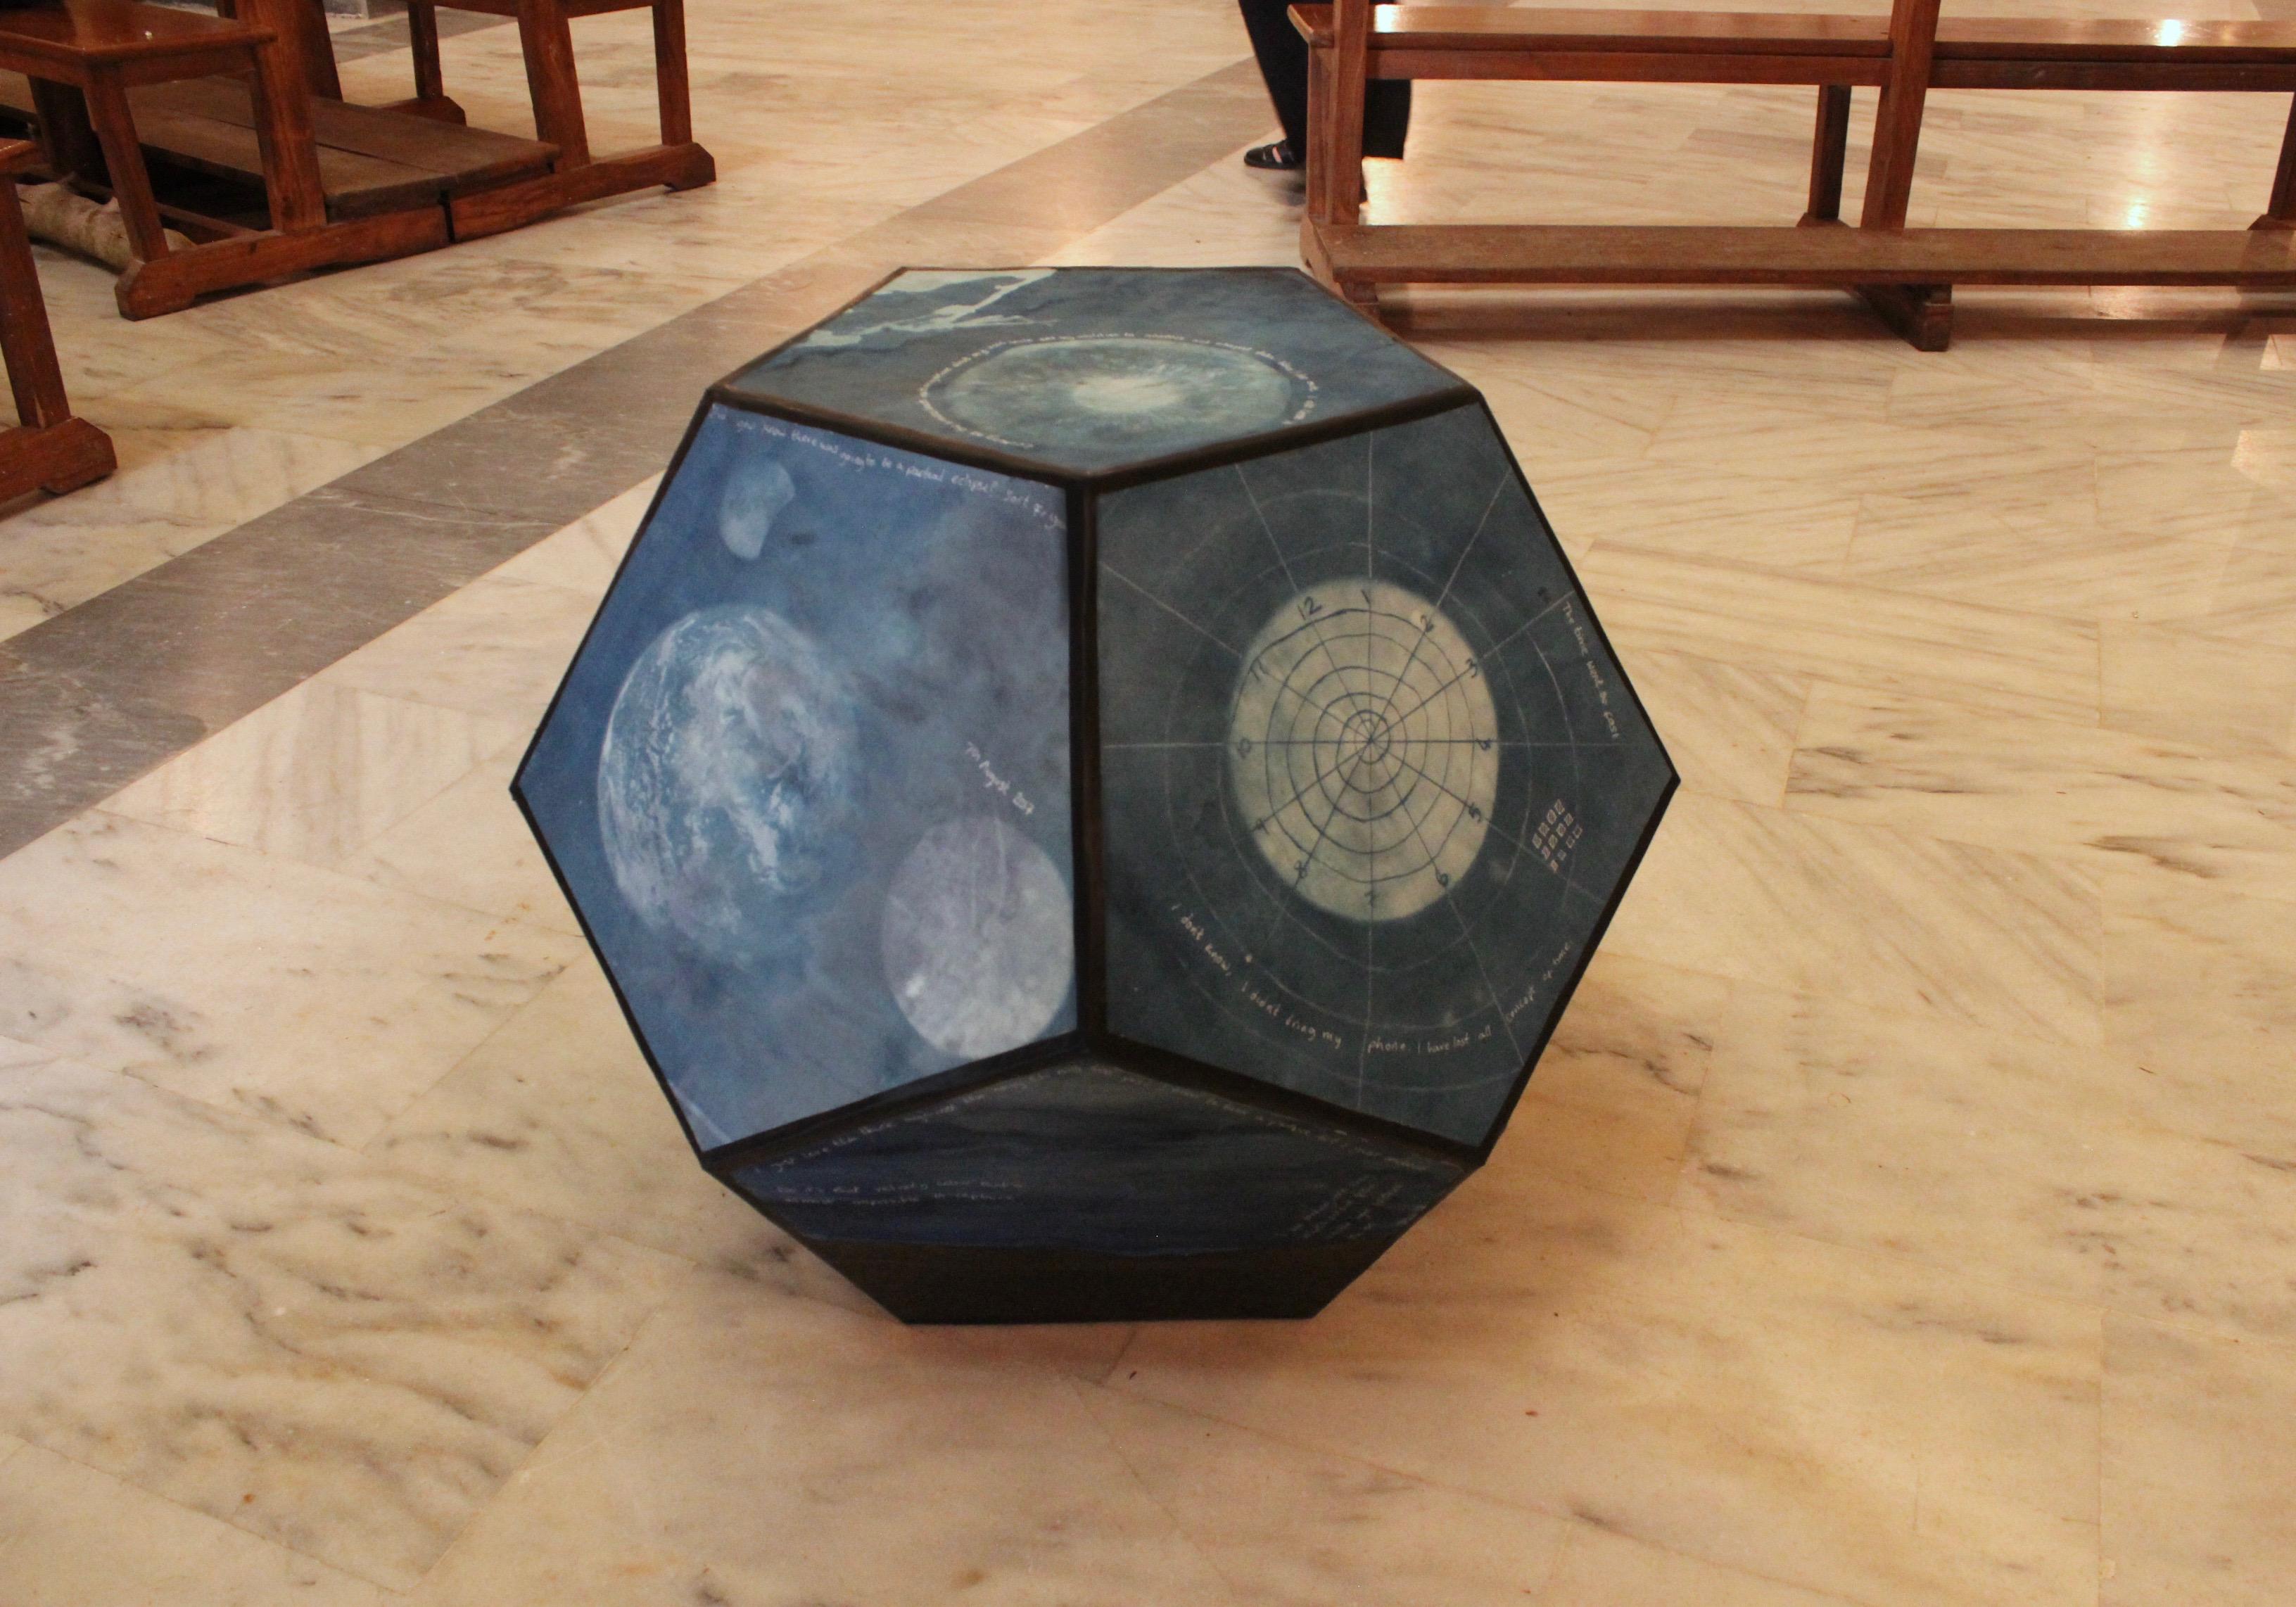 Helen Cawley - Lumen Astronomy cyanotype